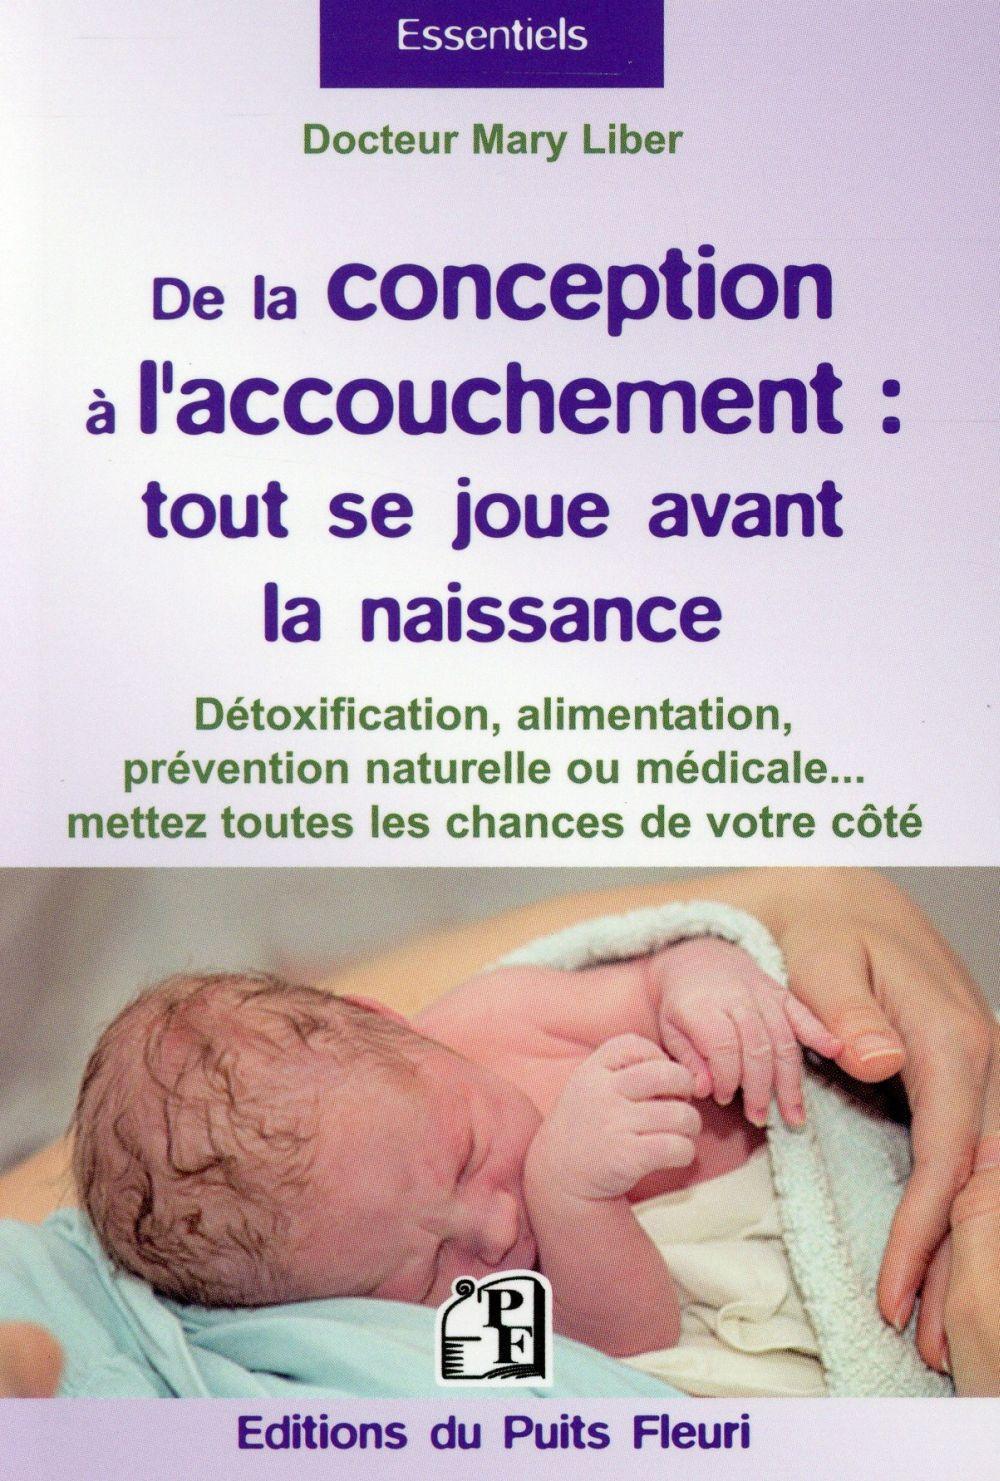 De la conception à l'accouchement ; tout se joue avant la naissance de l'enfant